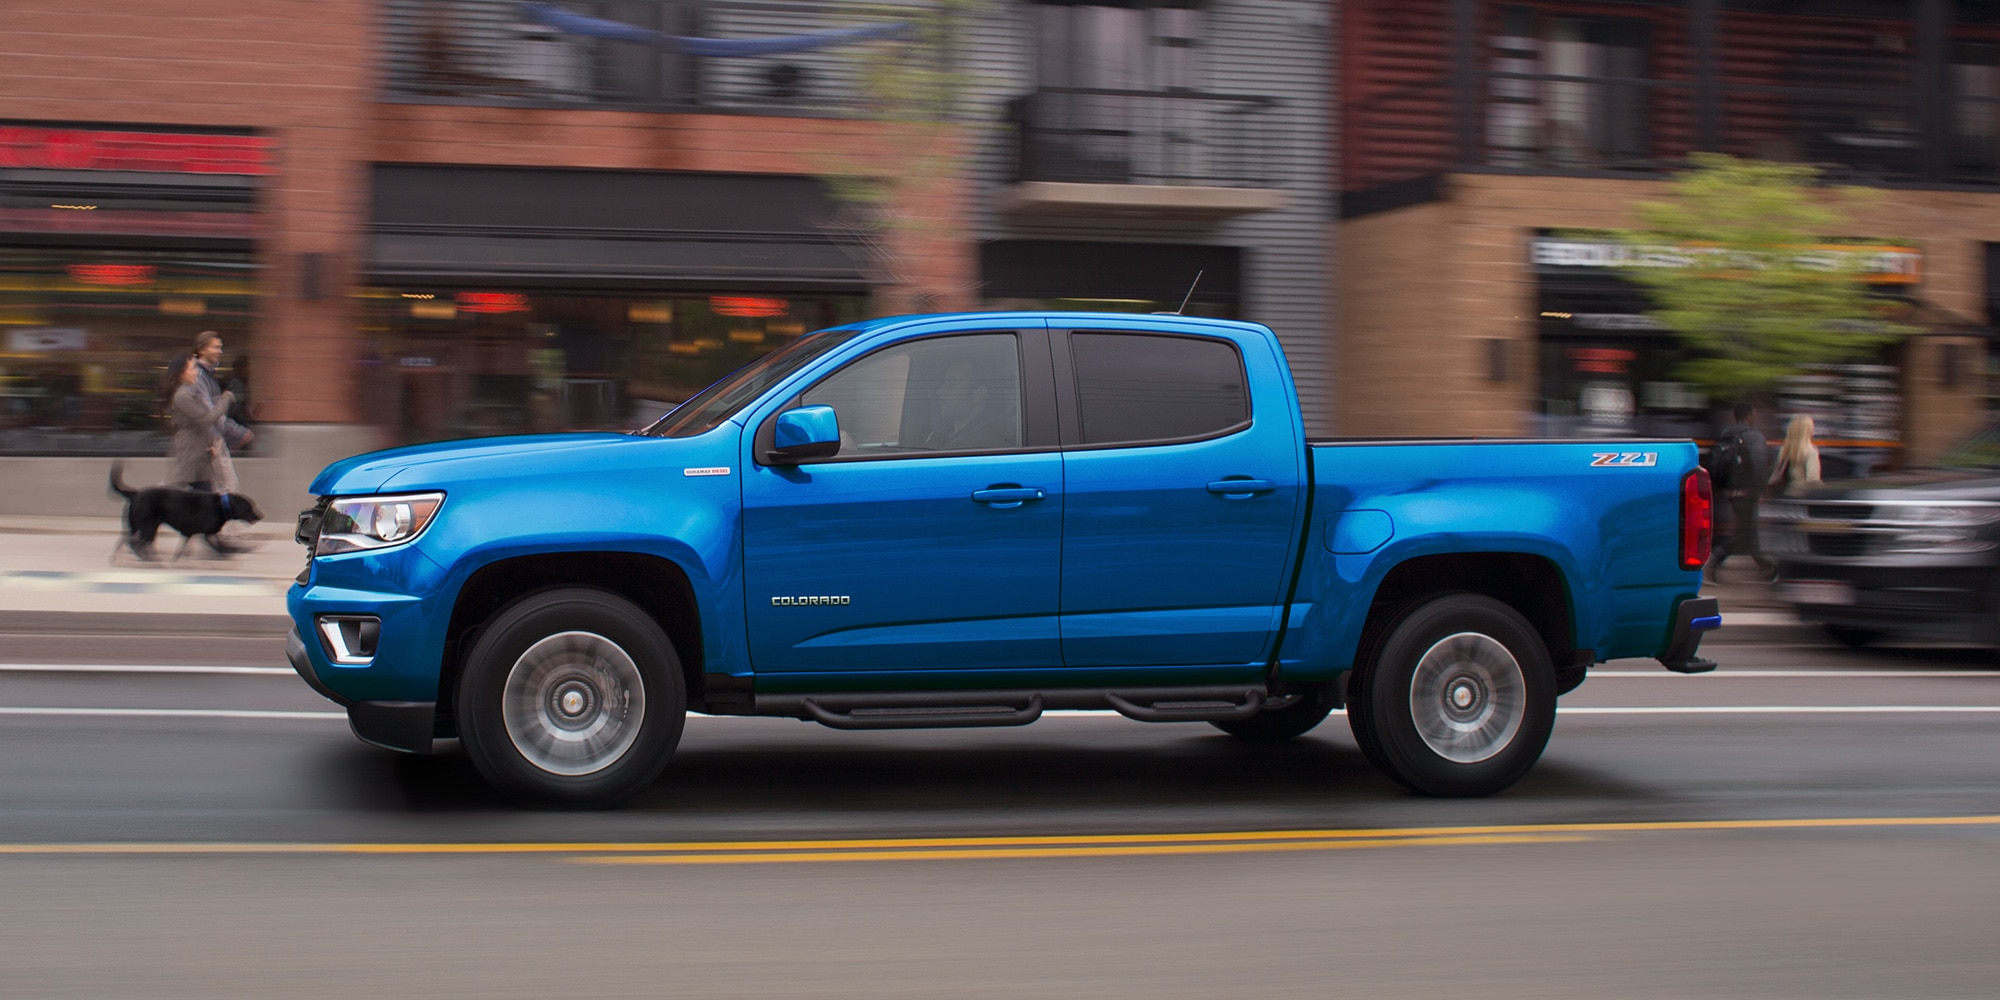 Diseño de la camioneta mediana Colorado 2019: perfil lateral